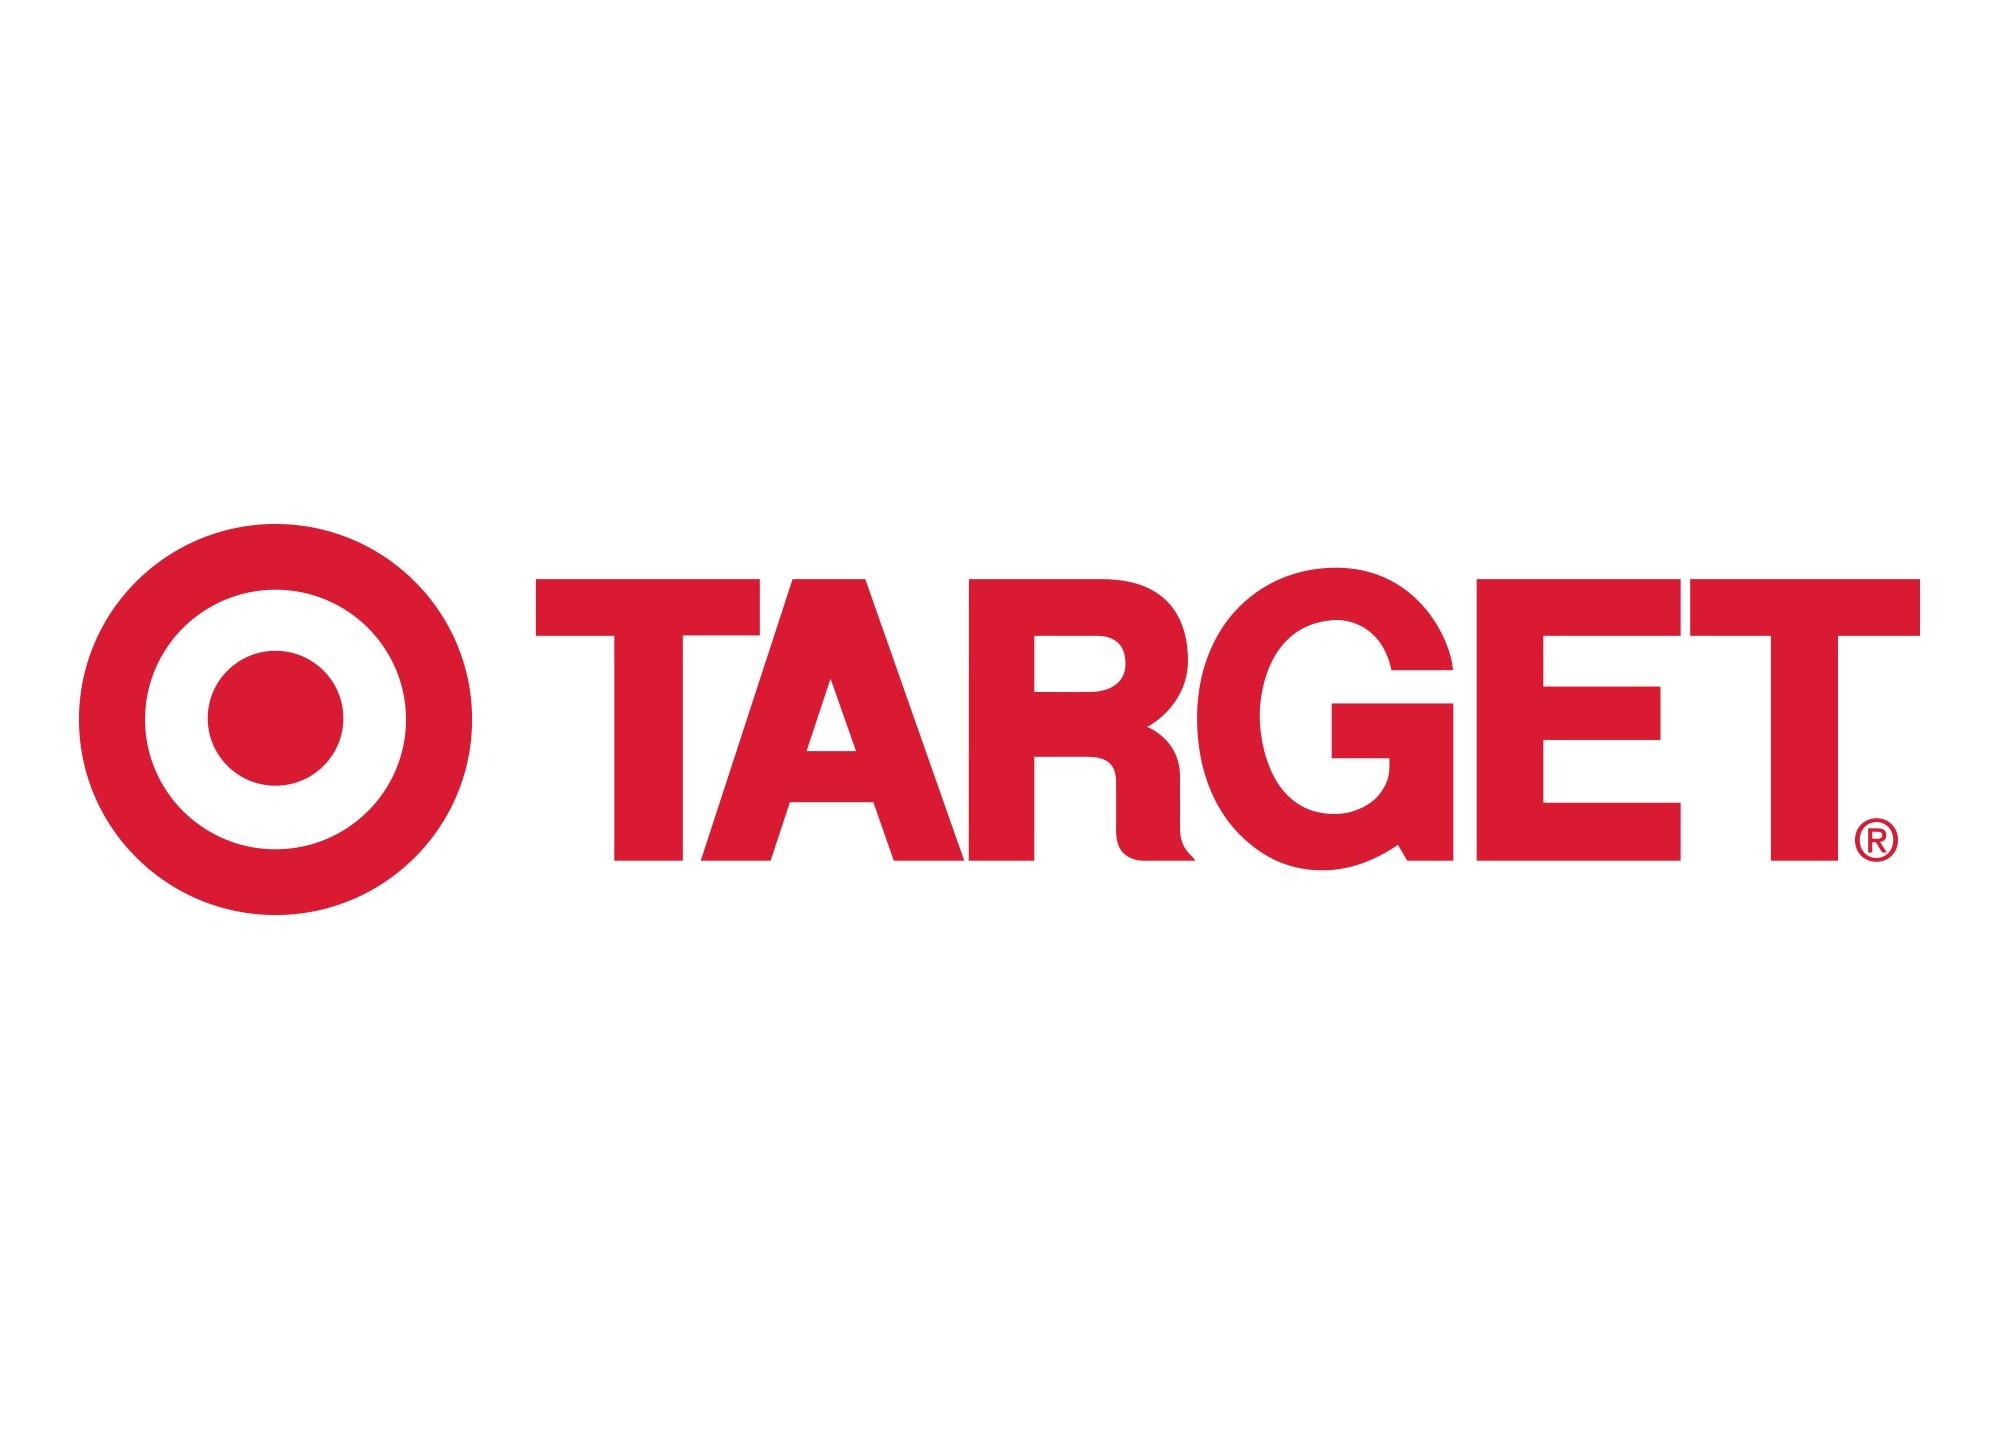 Target_432710